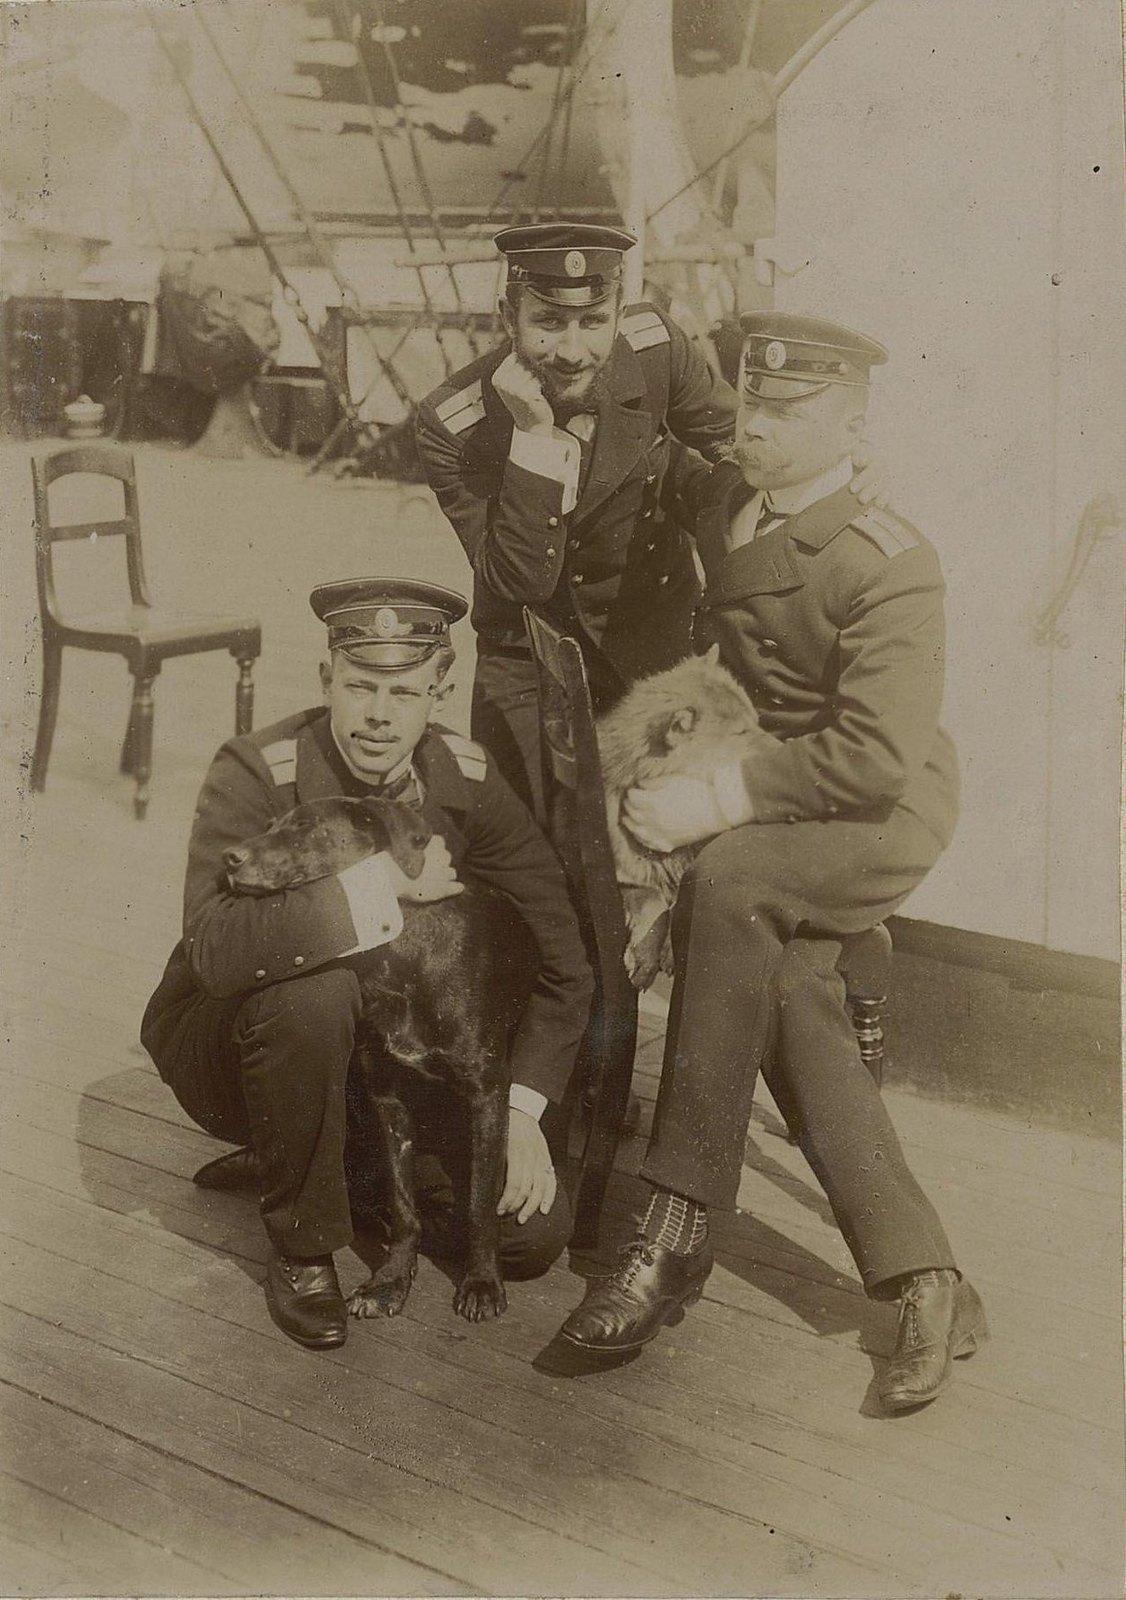 1905. Альбом боевых действий Владивостокского отряда крейсеров. Часть 2